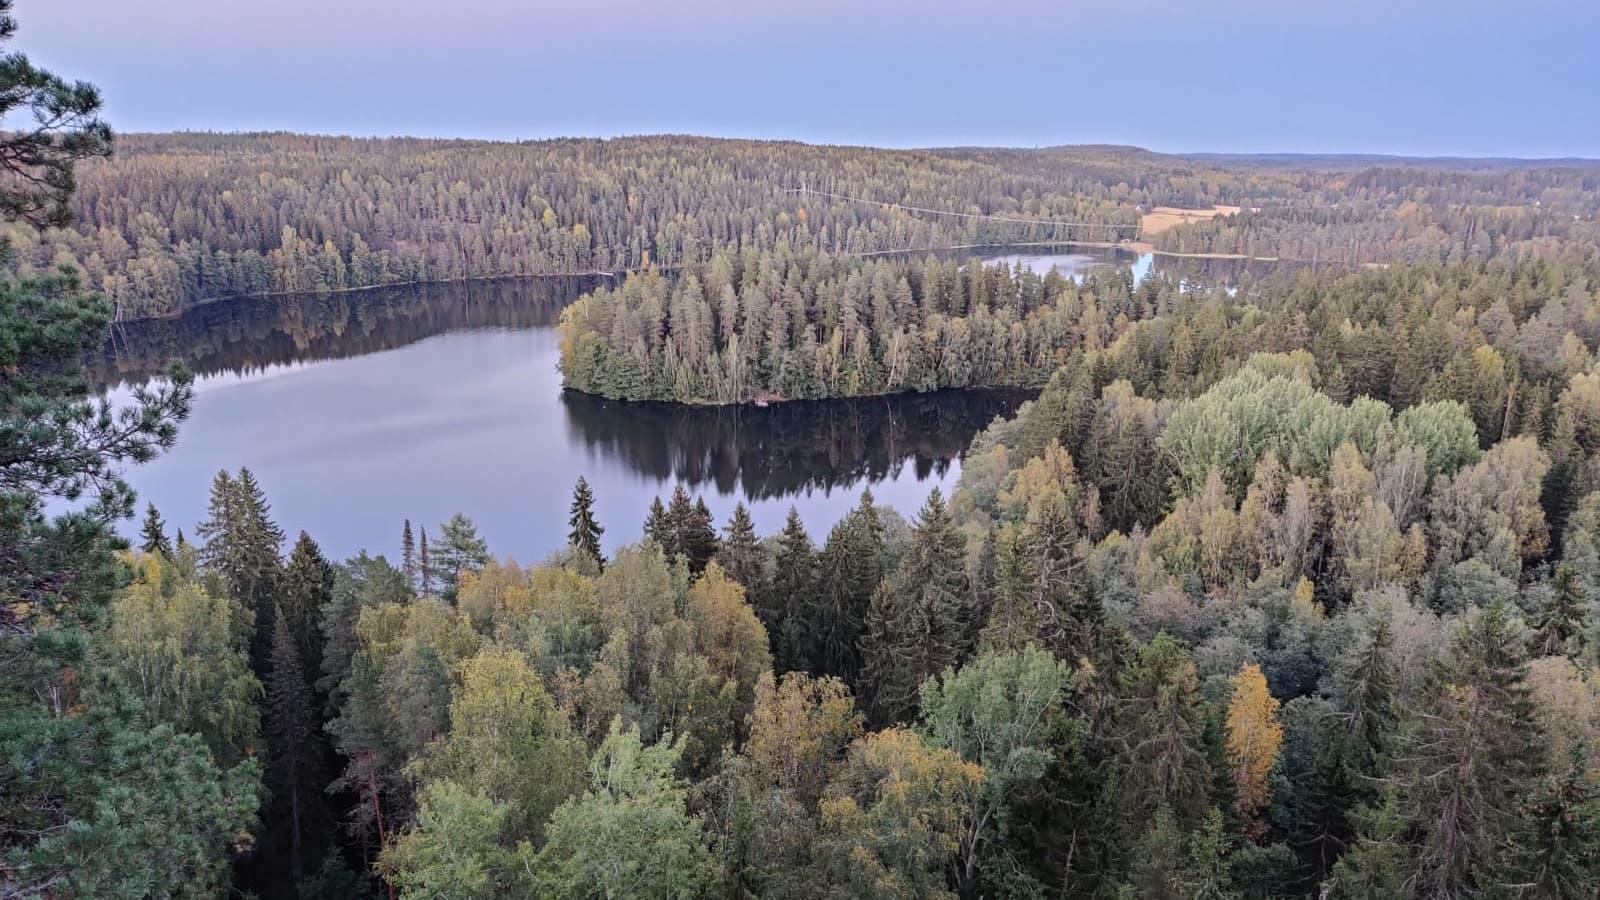 Syksyistä metsää järven ympärillä.